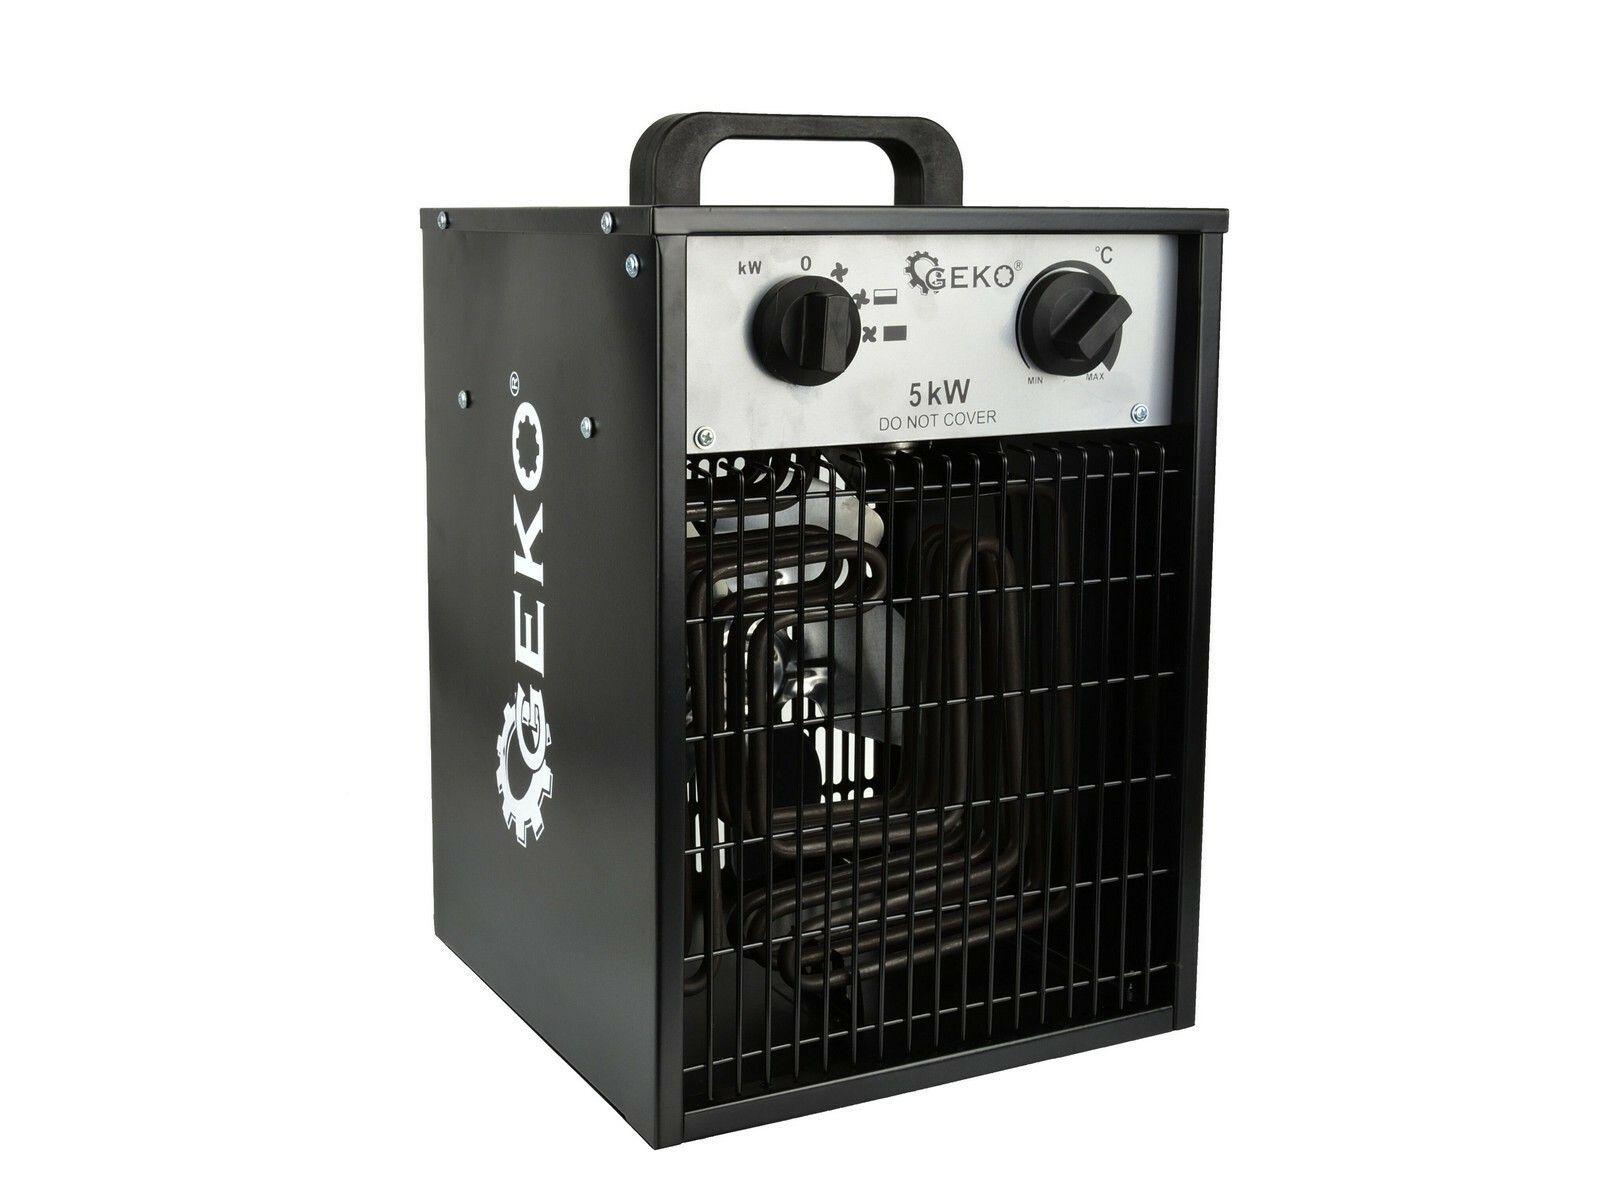 Elektrický ohřívač vzduchu s ventilátorem 5kW GEKO